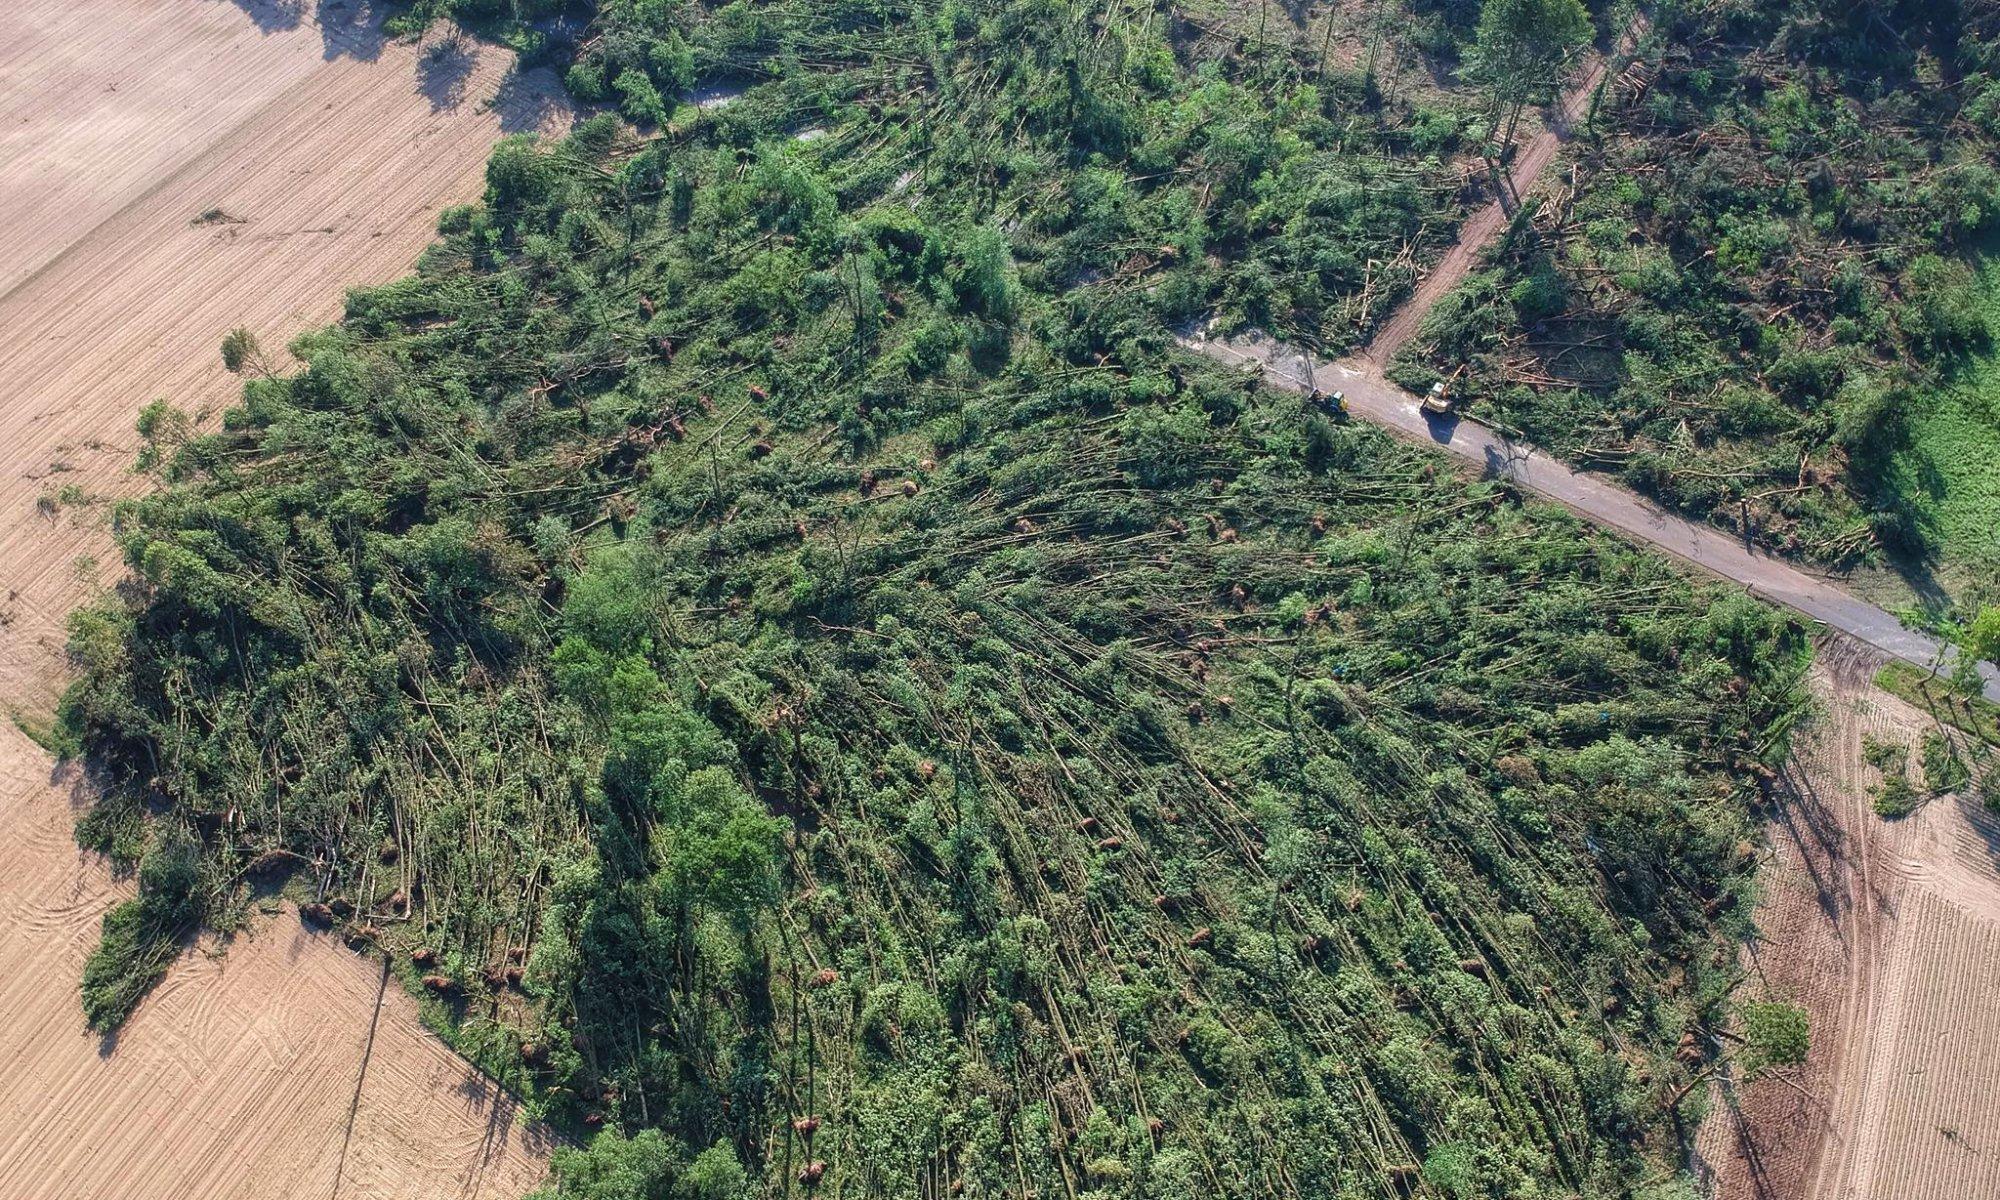 Luftbildaufnahmen von umgestürzten Bäumen © Marco Bayer